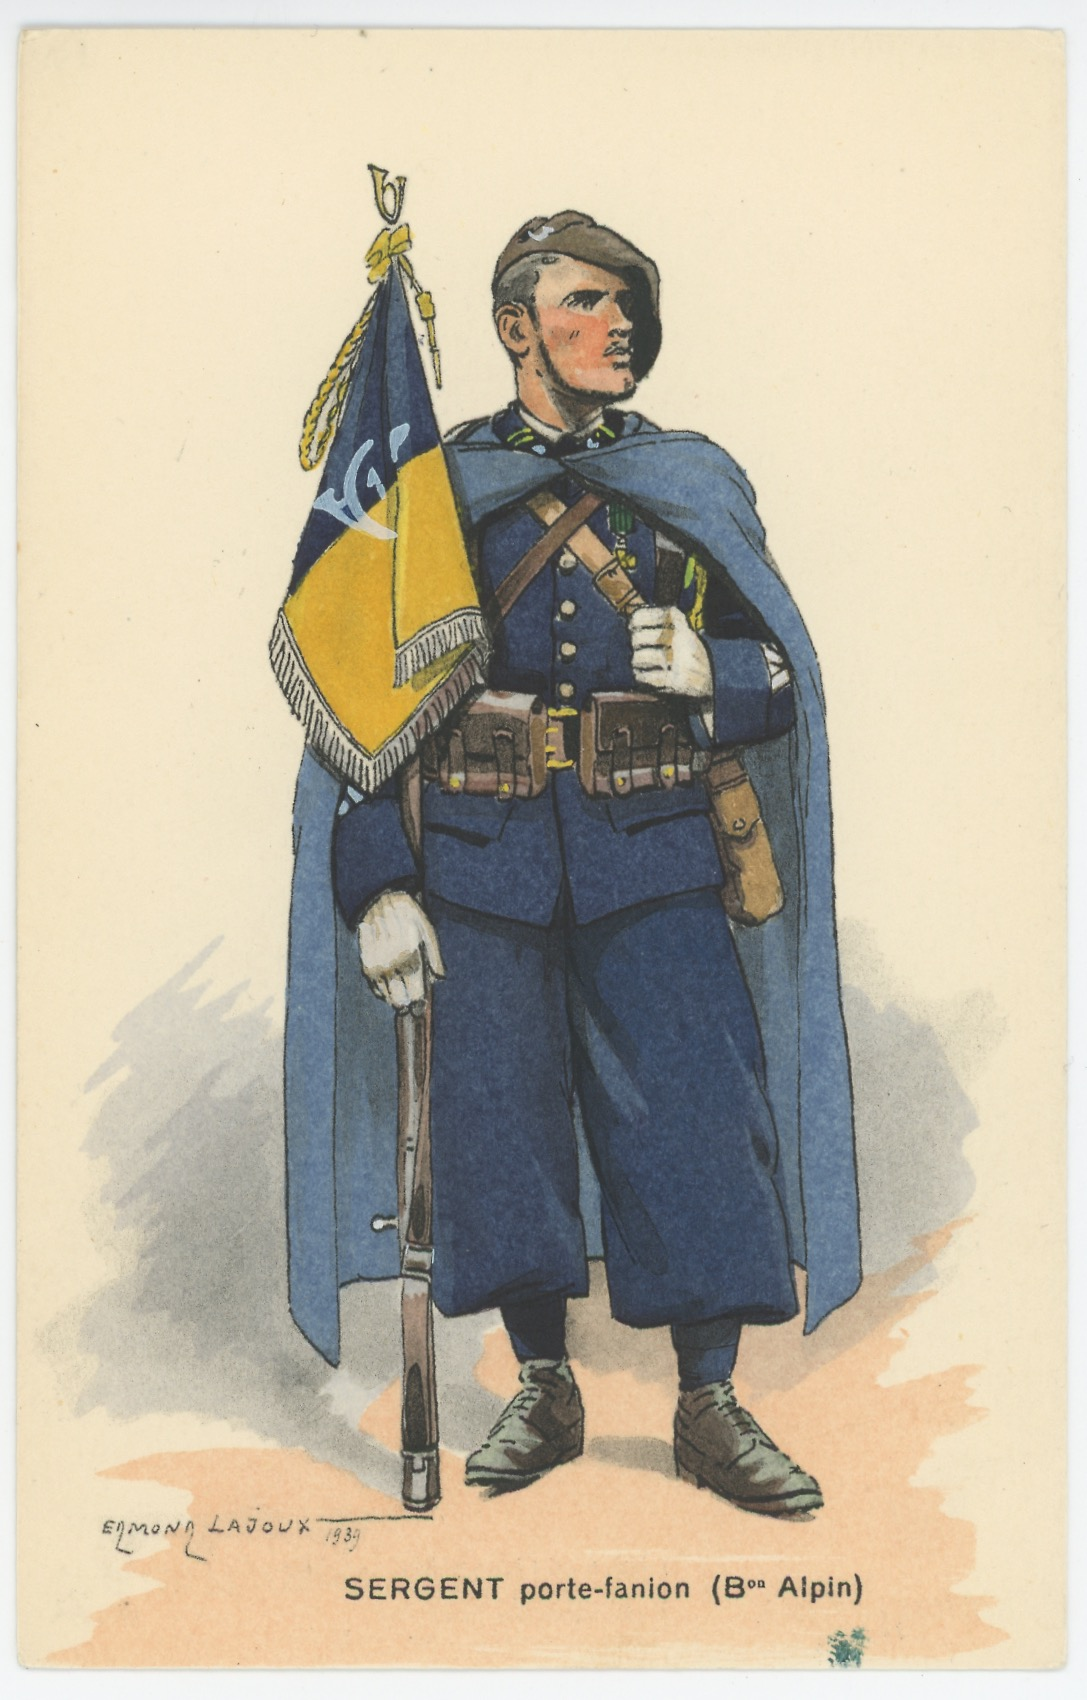 Carte Postale Illustrée - Edmond Lajoux - Edition Militaire Illustrées - Bataillon Alpin Porte Fanion - 1930